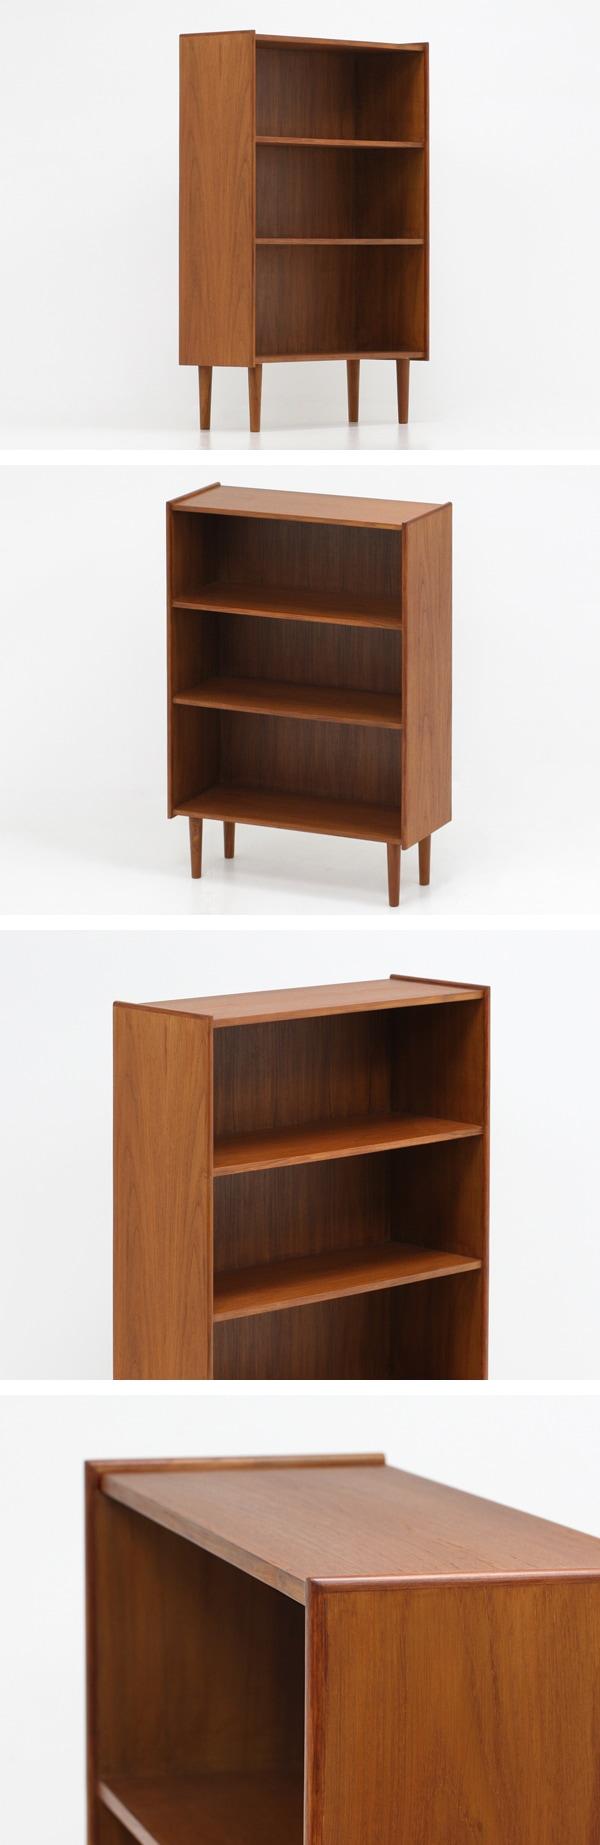 北欧デザイン家具,Klokken,クロッケン,チーク材,収納,本棚,靴箱,ブックシェルフ